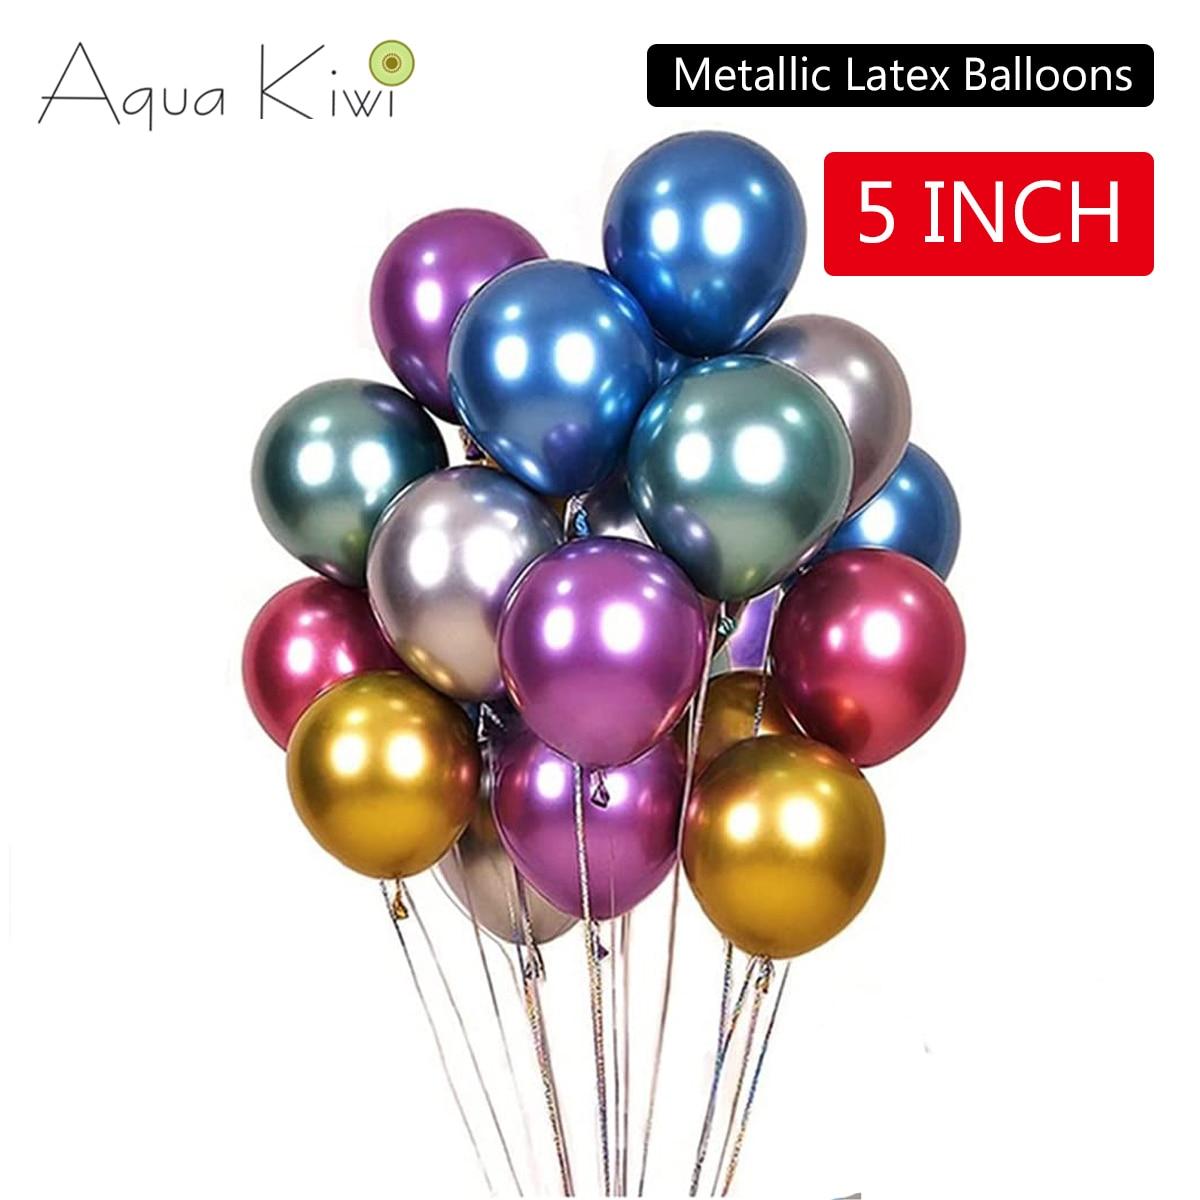 5 дюймов 30 шт. синие металлические хромированные латексные воздушные шары Золотые круглые шары воздушные шары для дня рождения воздушные ша...